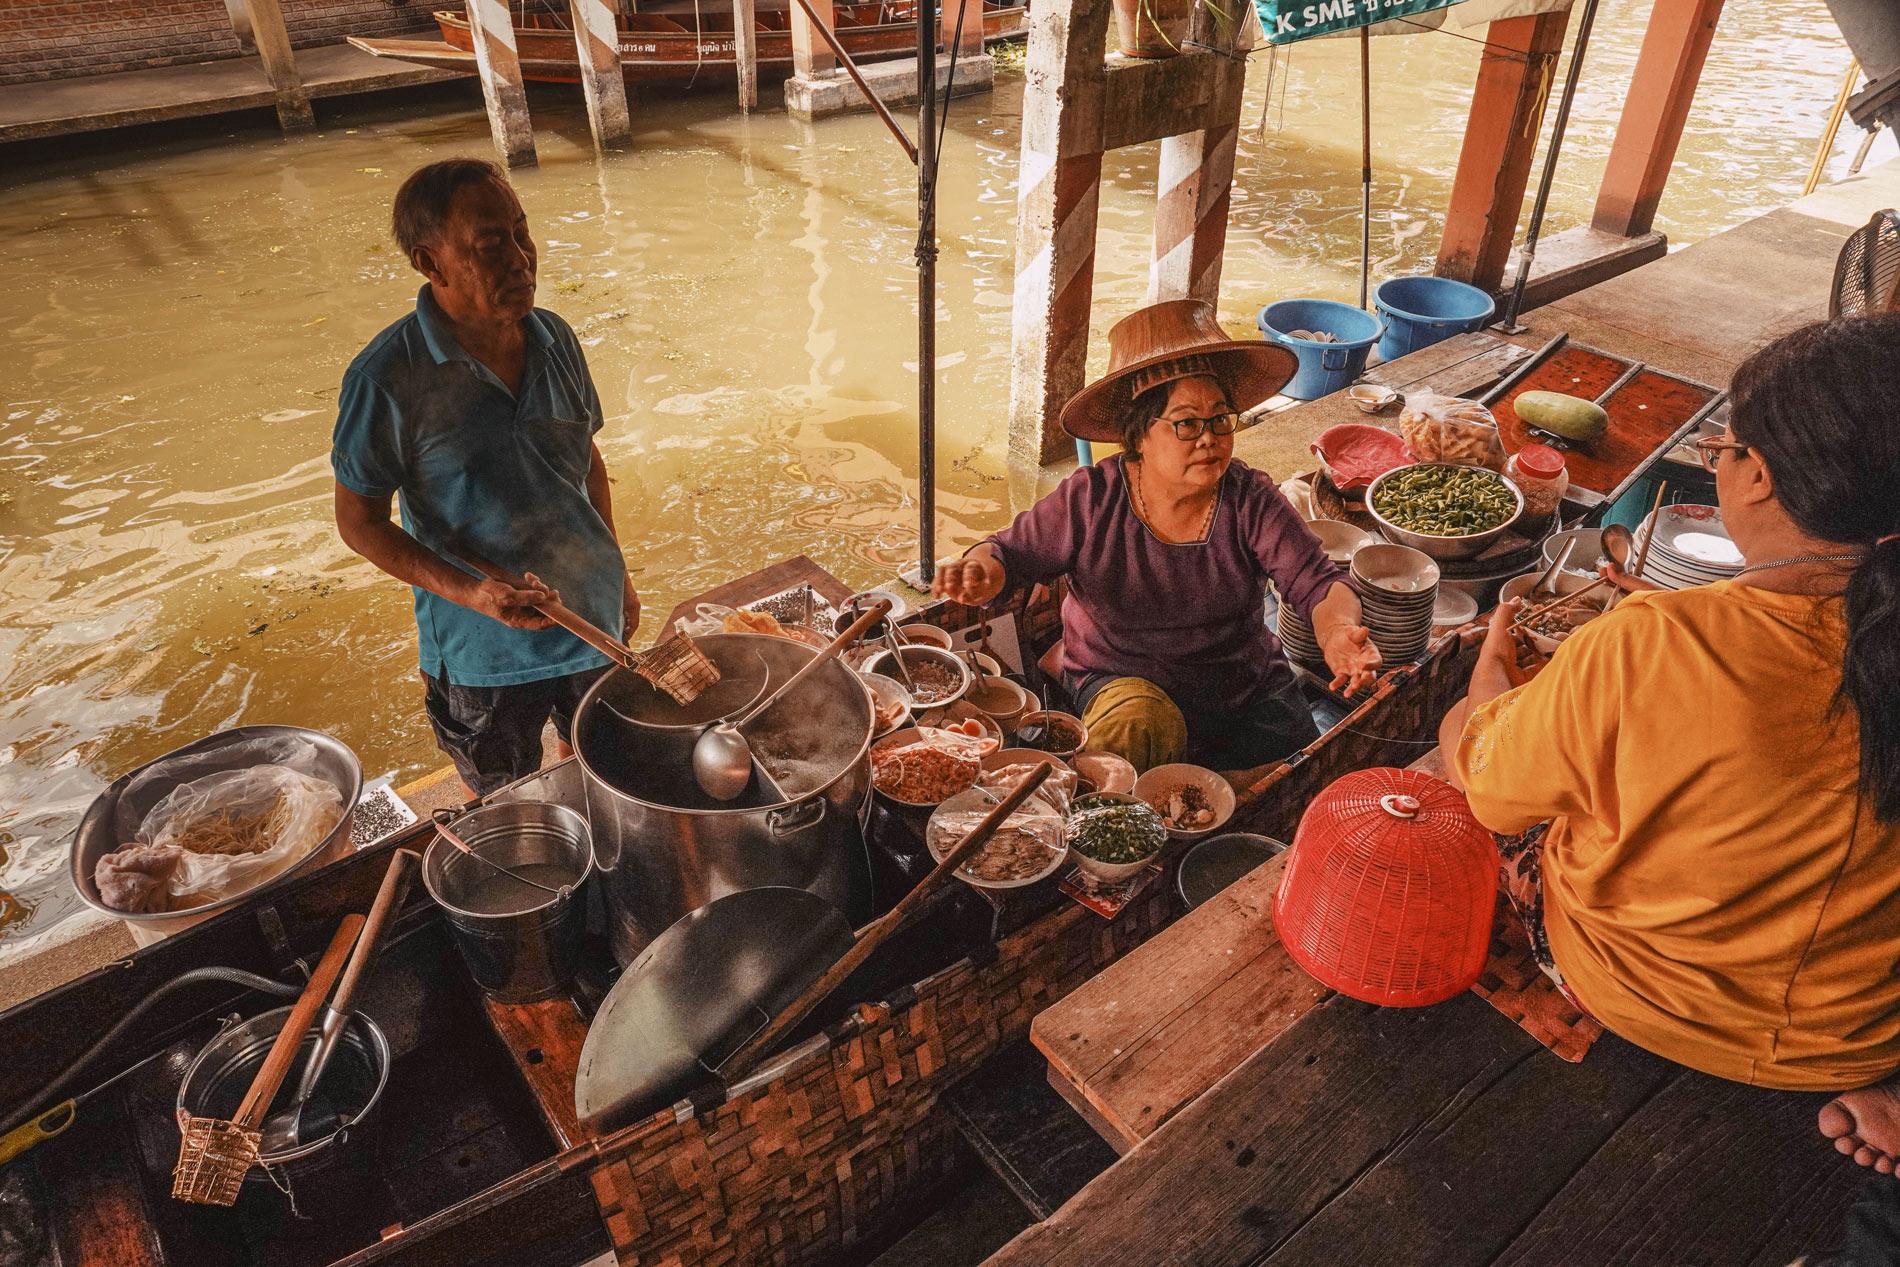 Vuelta al mundo, 16 mercados gastronómicos que debes conocer